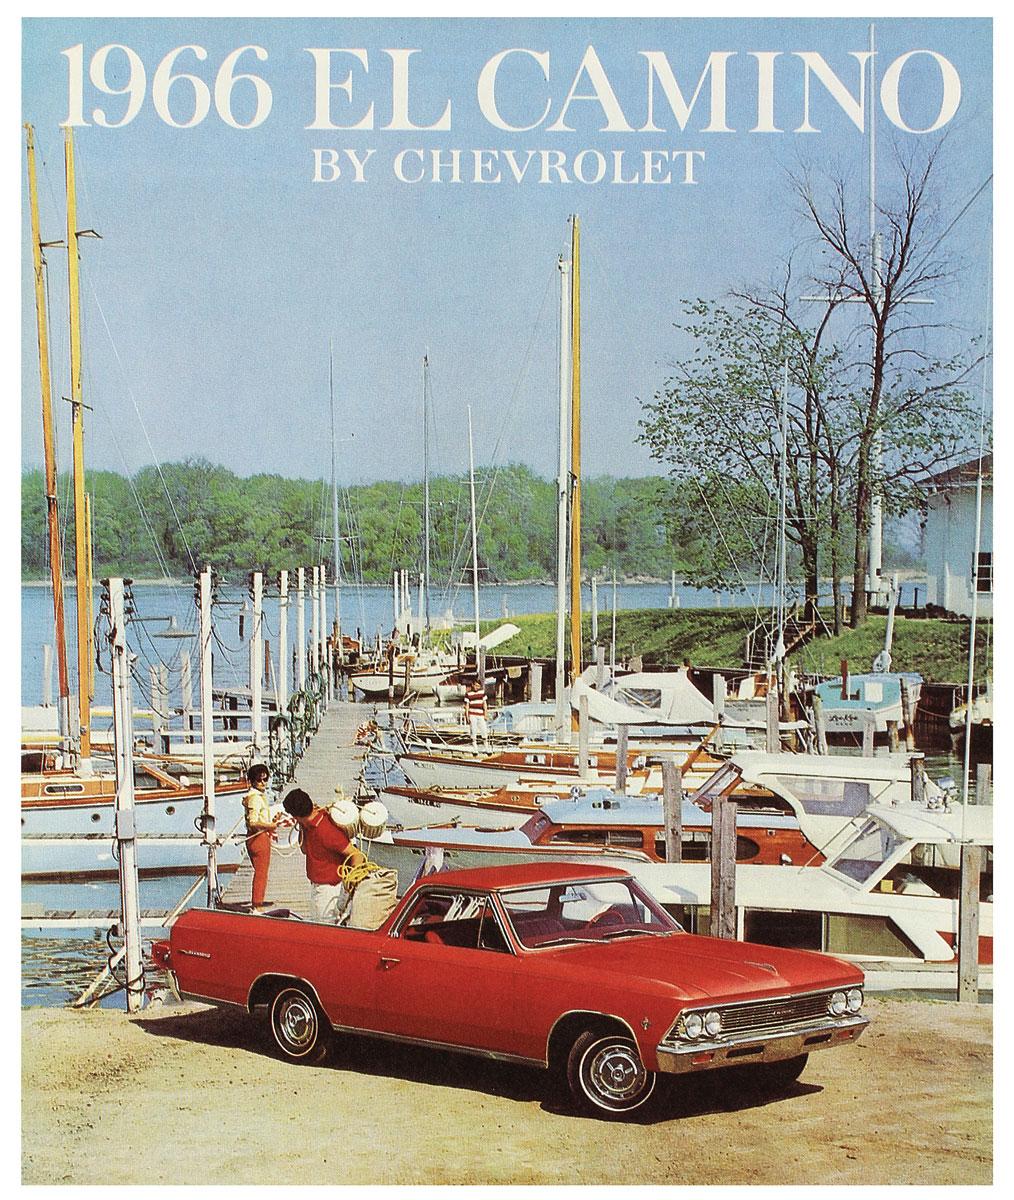 Color Sales Brochure, 1966 El Camino